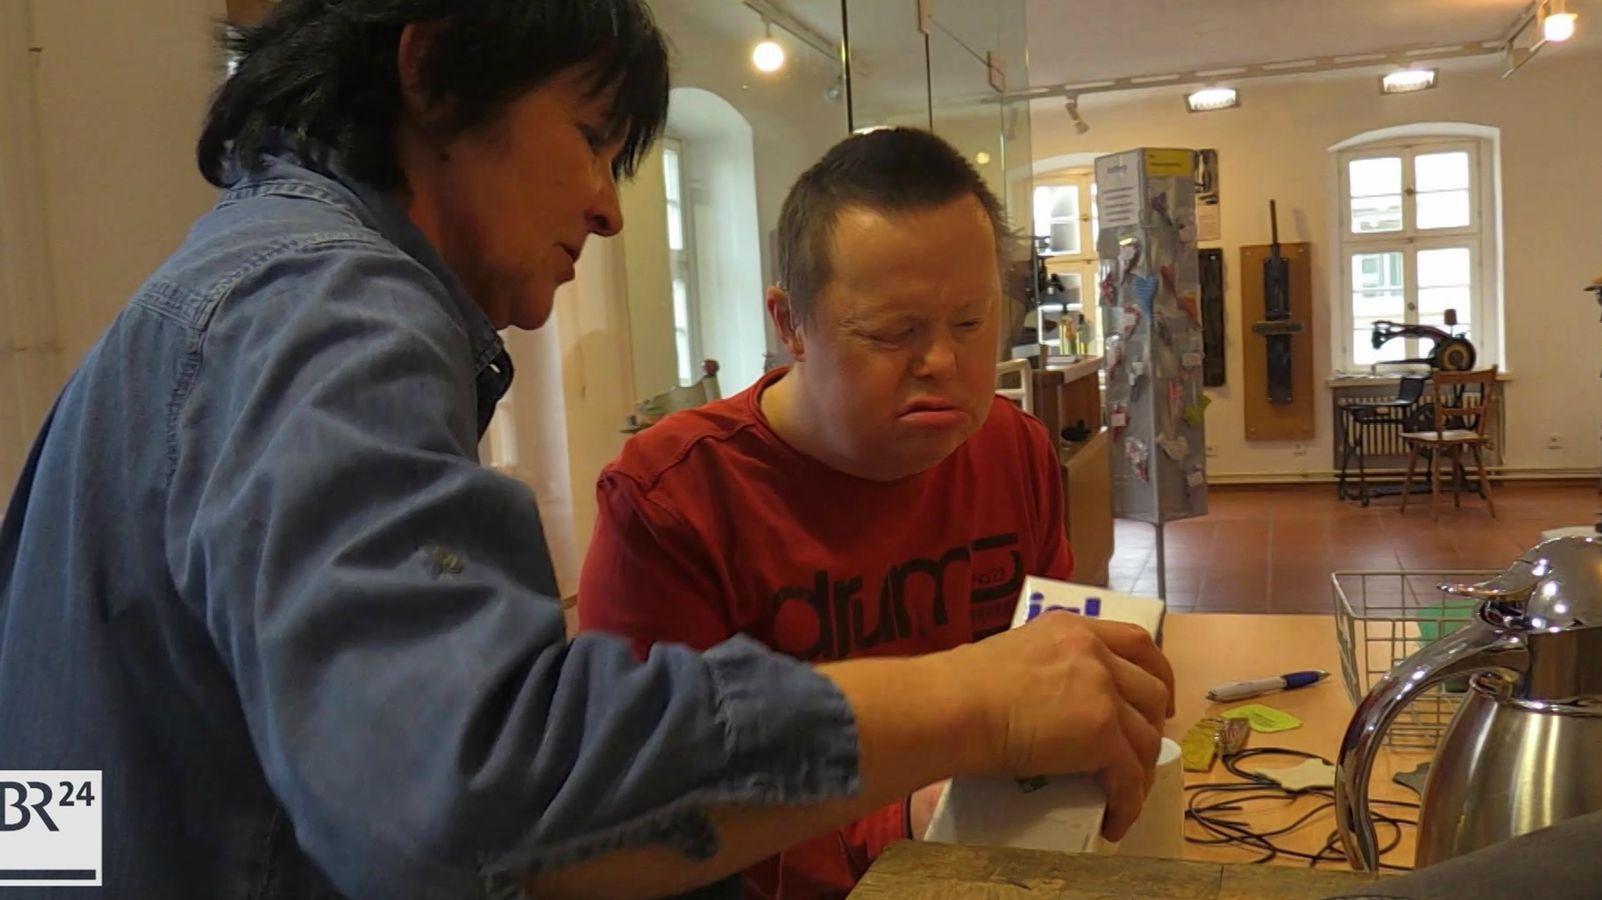 Werkstätten St. Joseph in Burgkunstadt arbeiten mit Behinderten - BR24